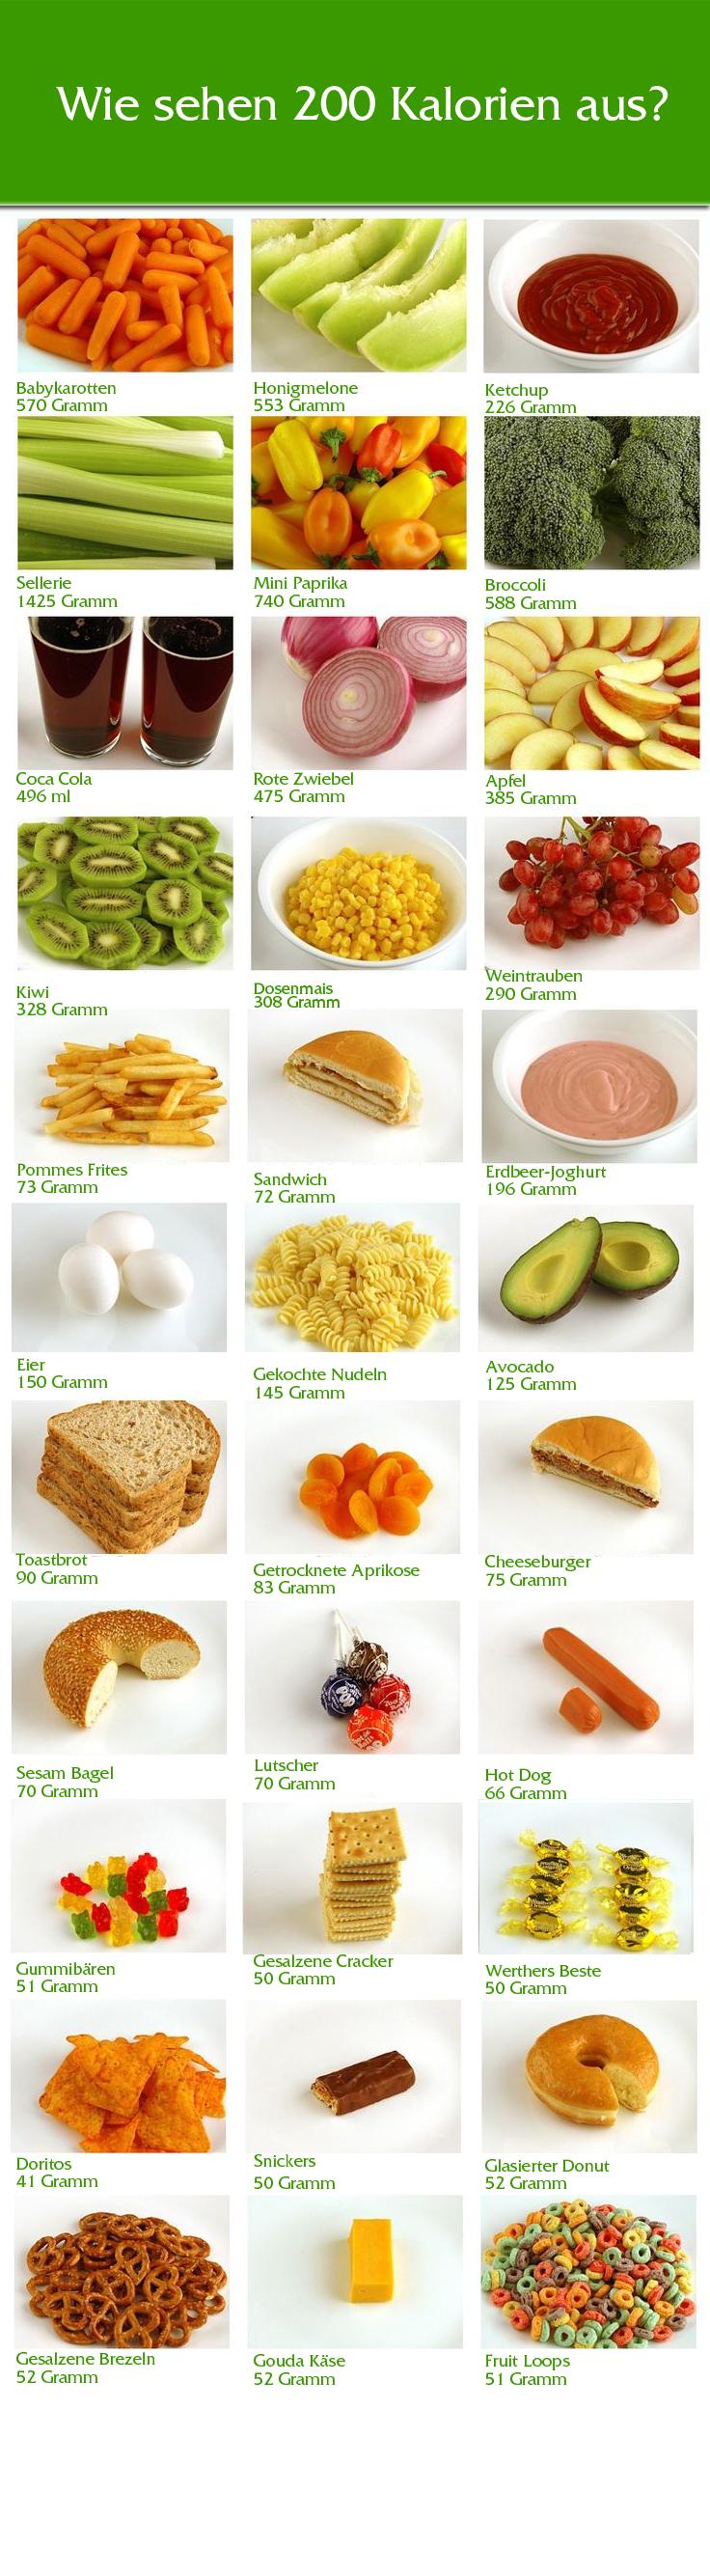 wie-sehen-200-kalorien-aus